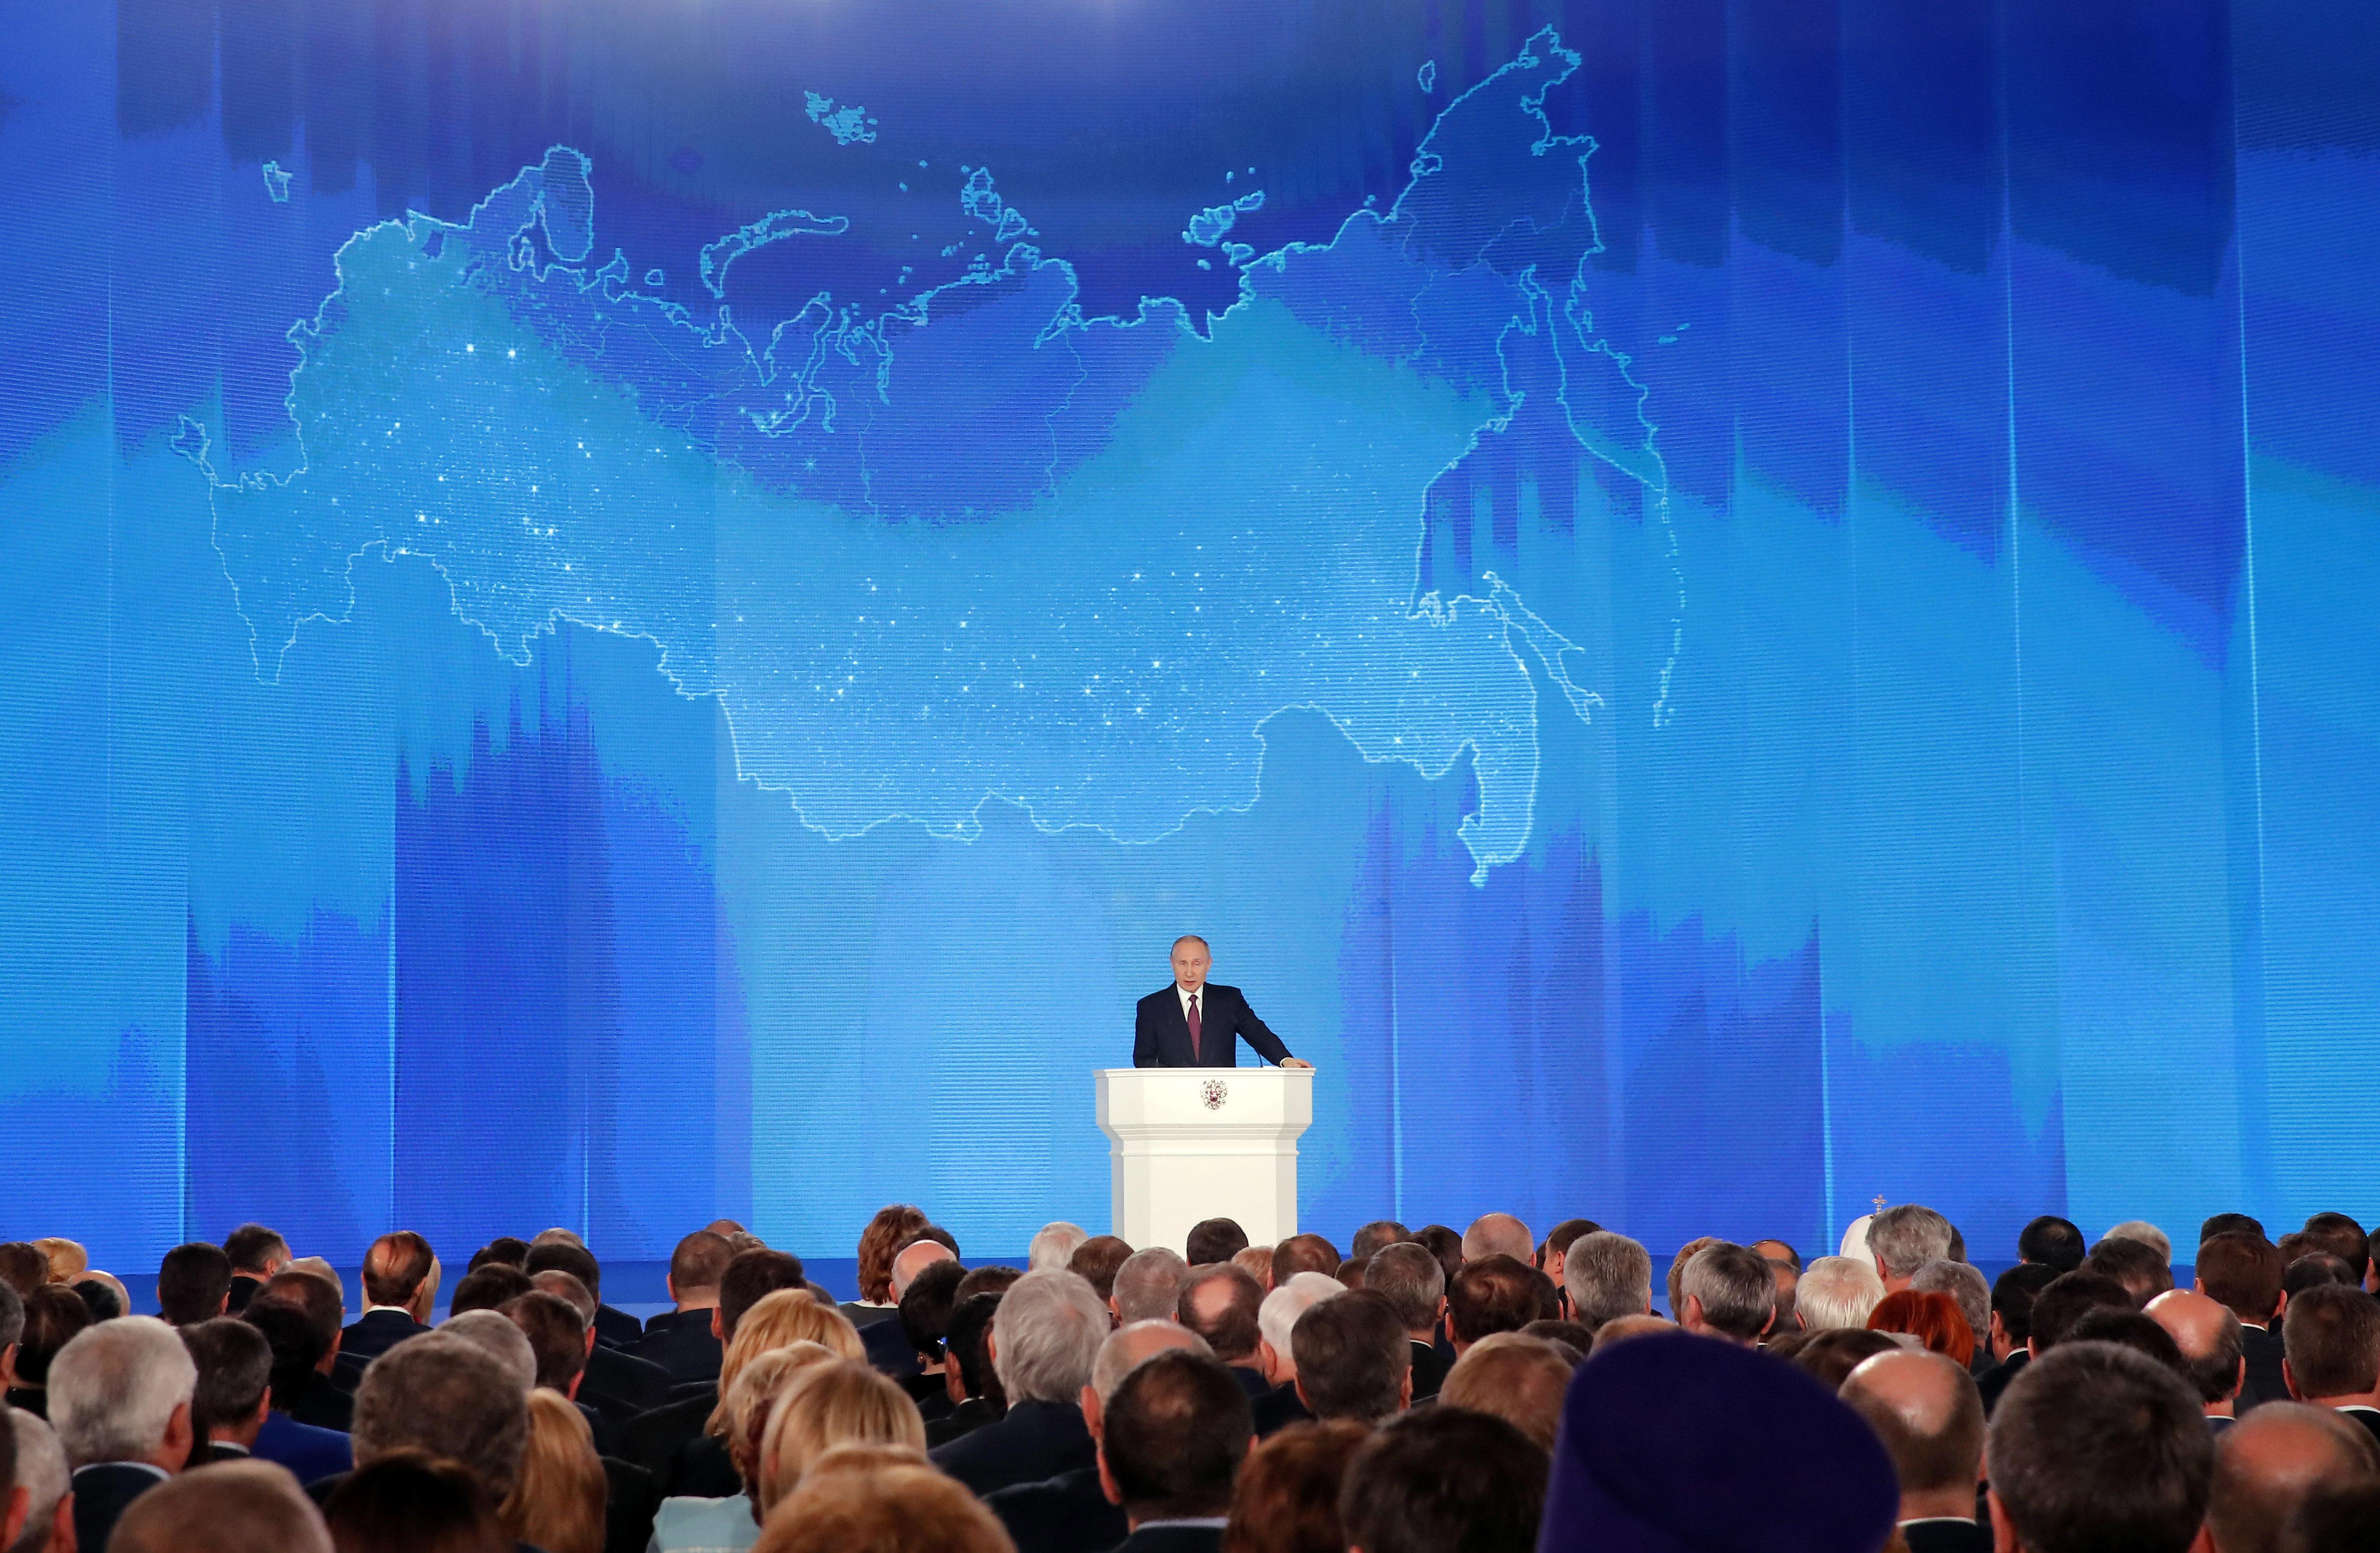 Ο Πούτιν παρουσίασε με διάγγελμα τα νέα υπερσύγχρονα όπλα της